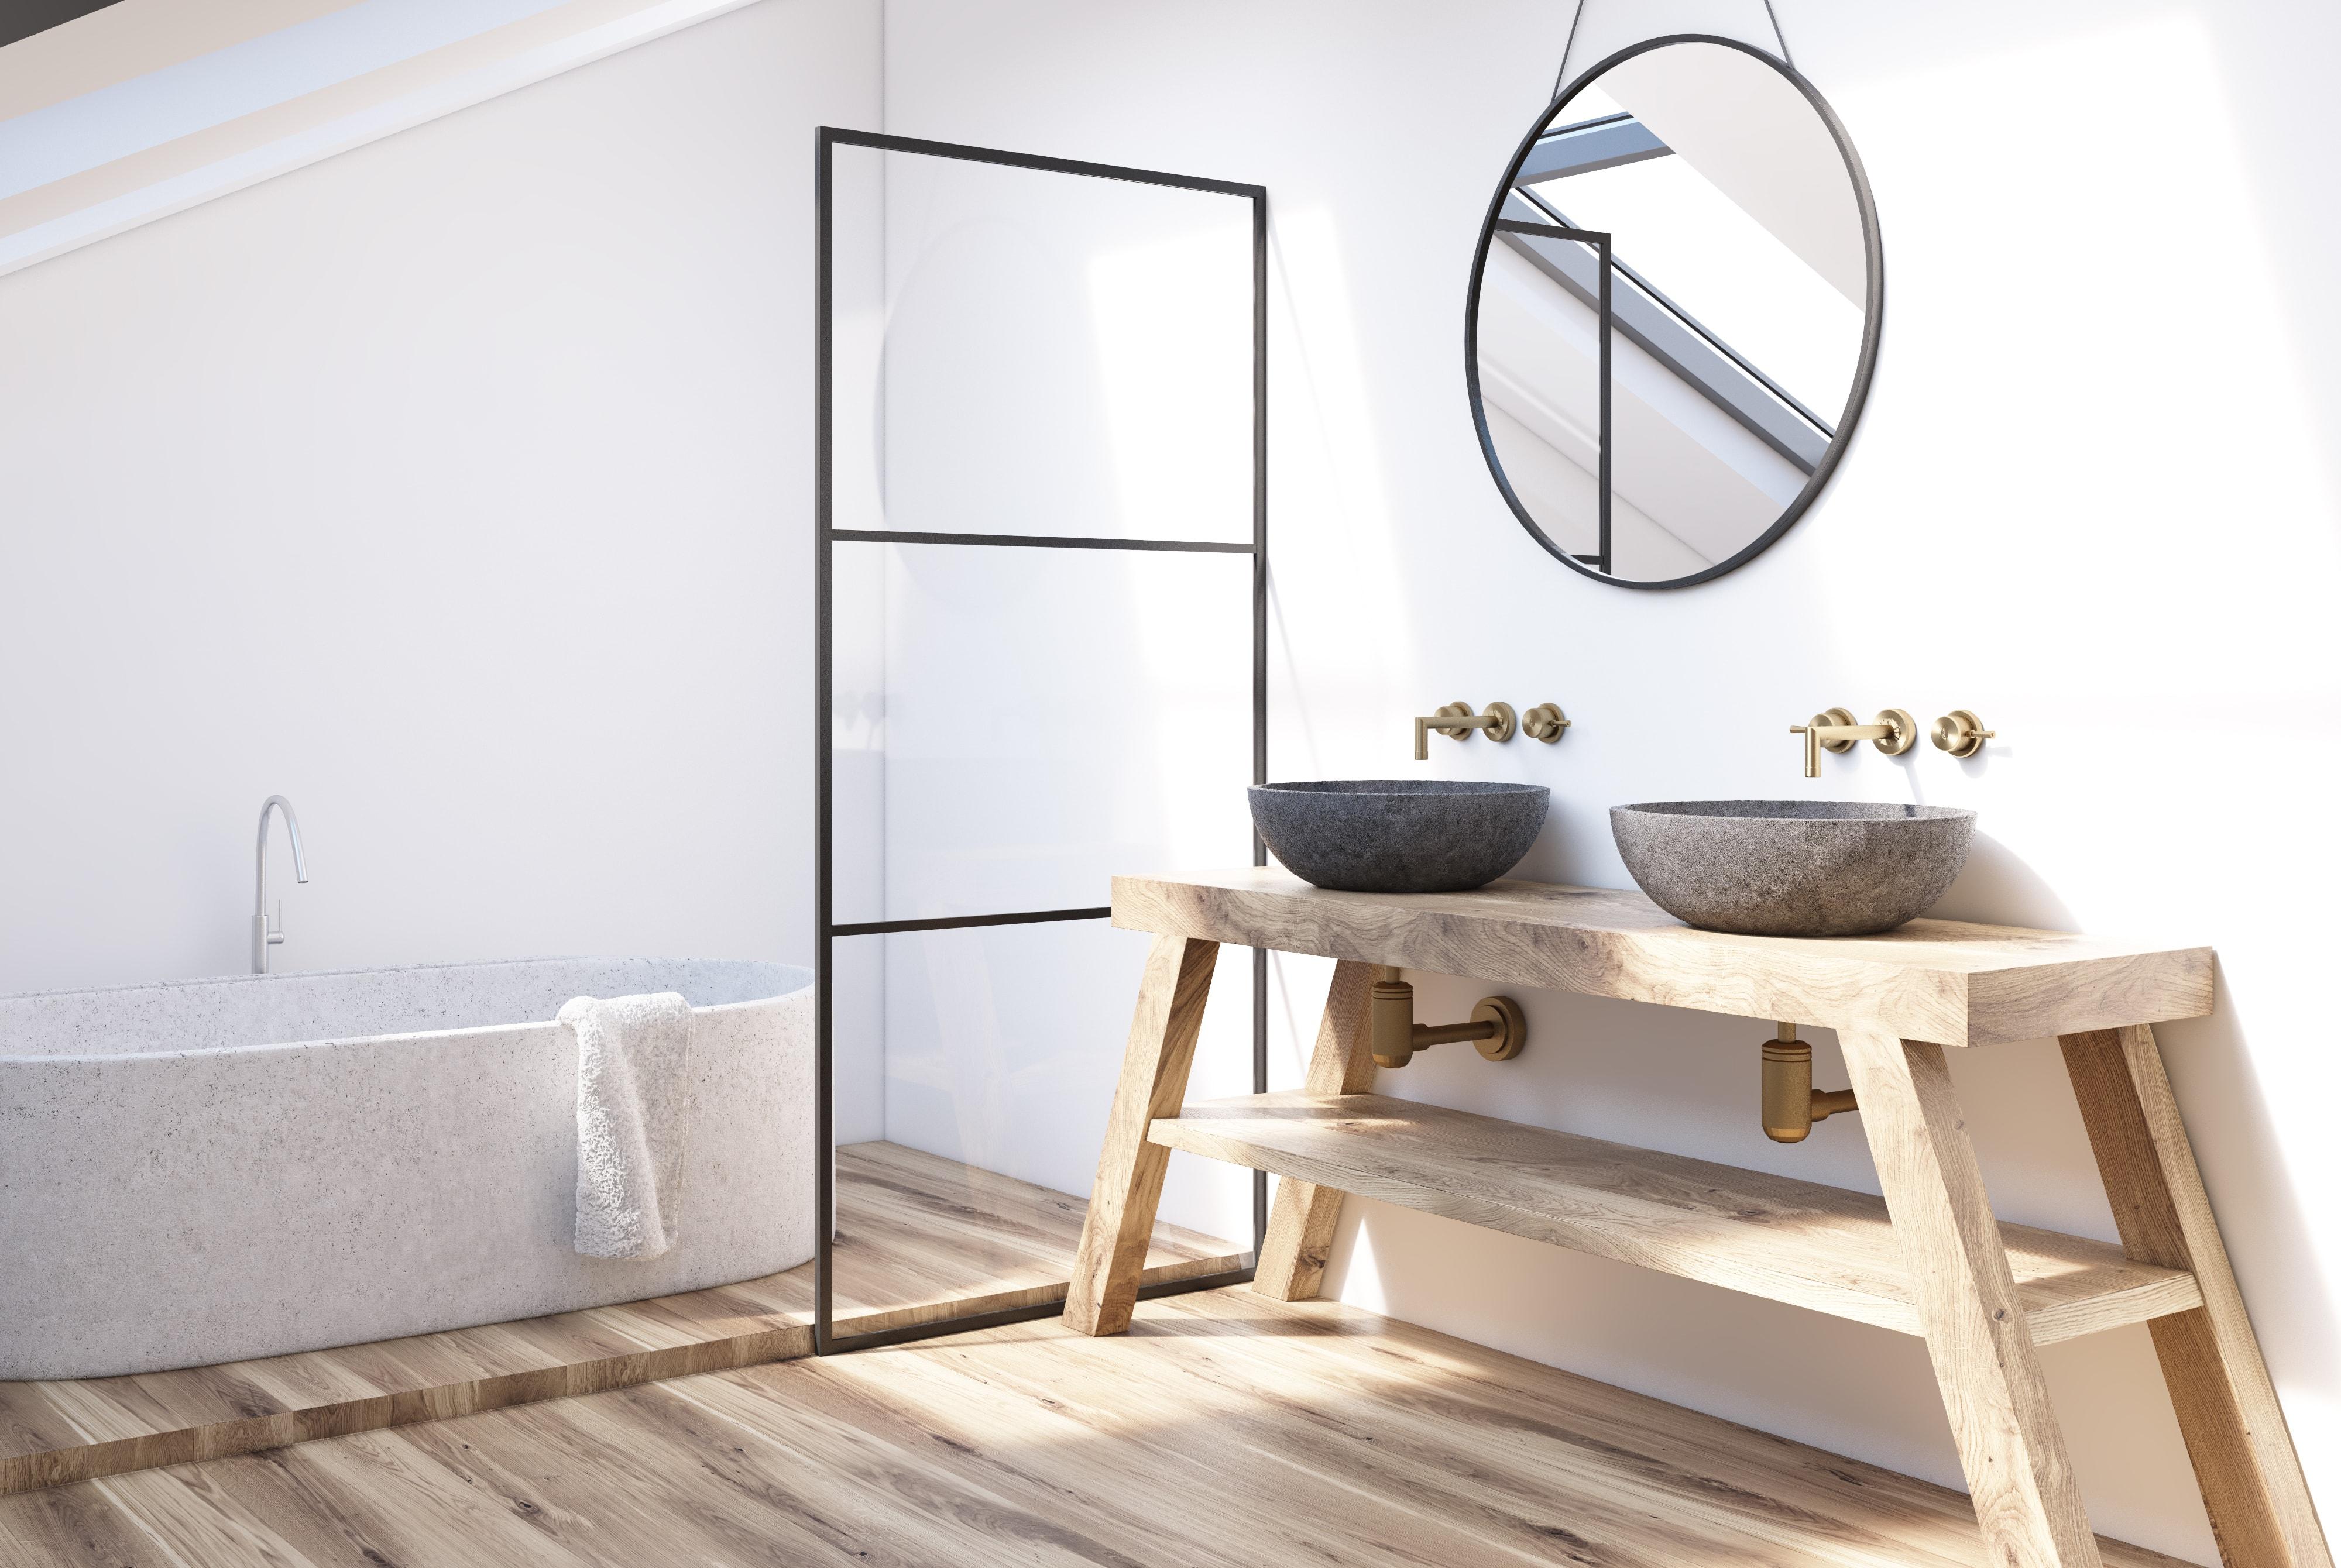 Bagno di design 5 segreti per uno stile unico - Caos accessori bagno ...